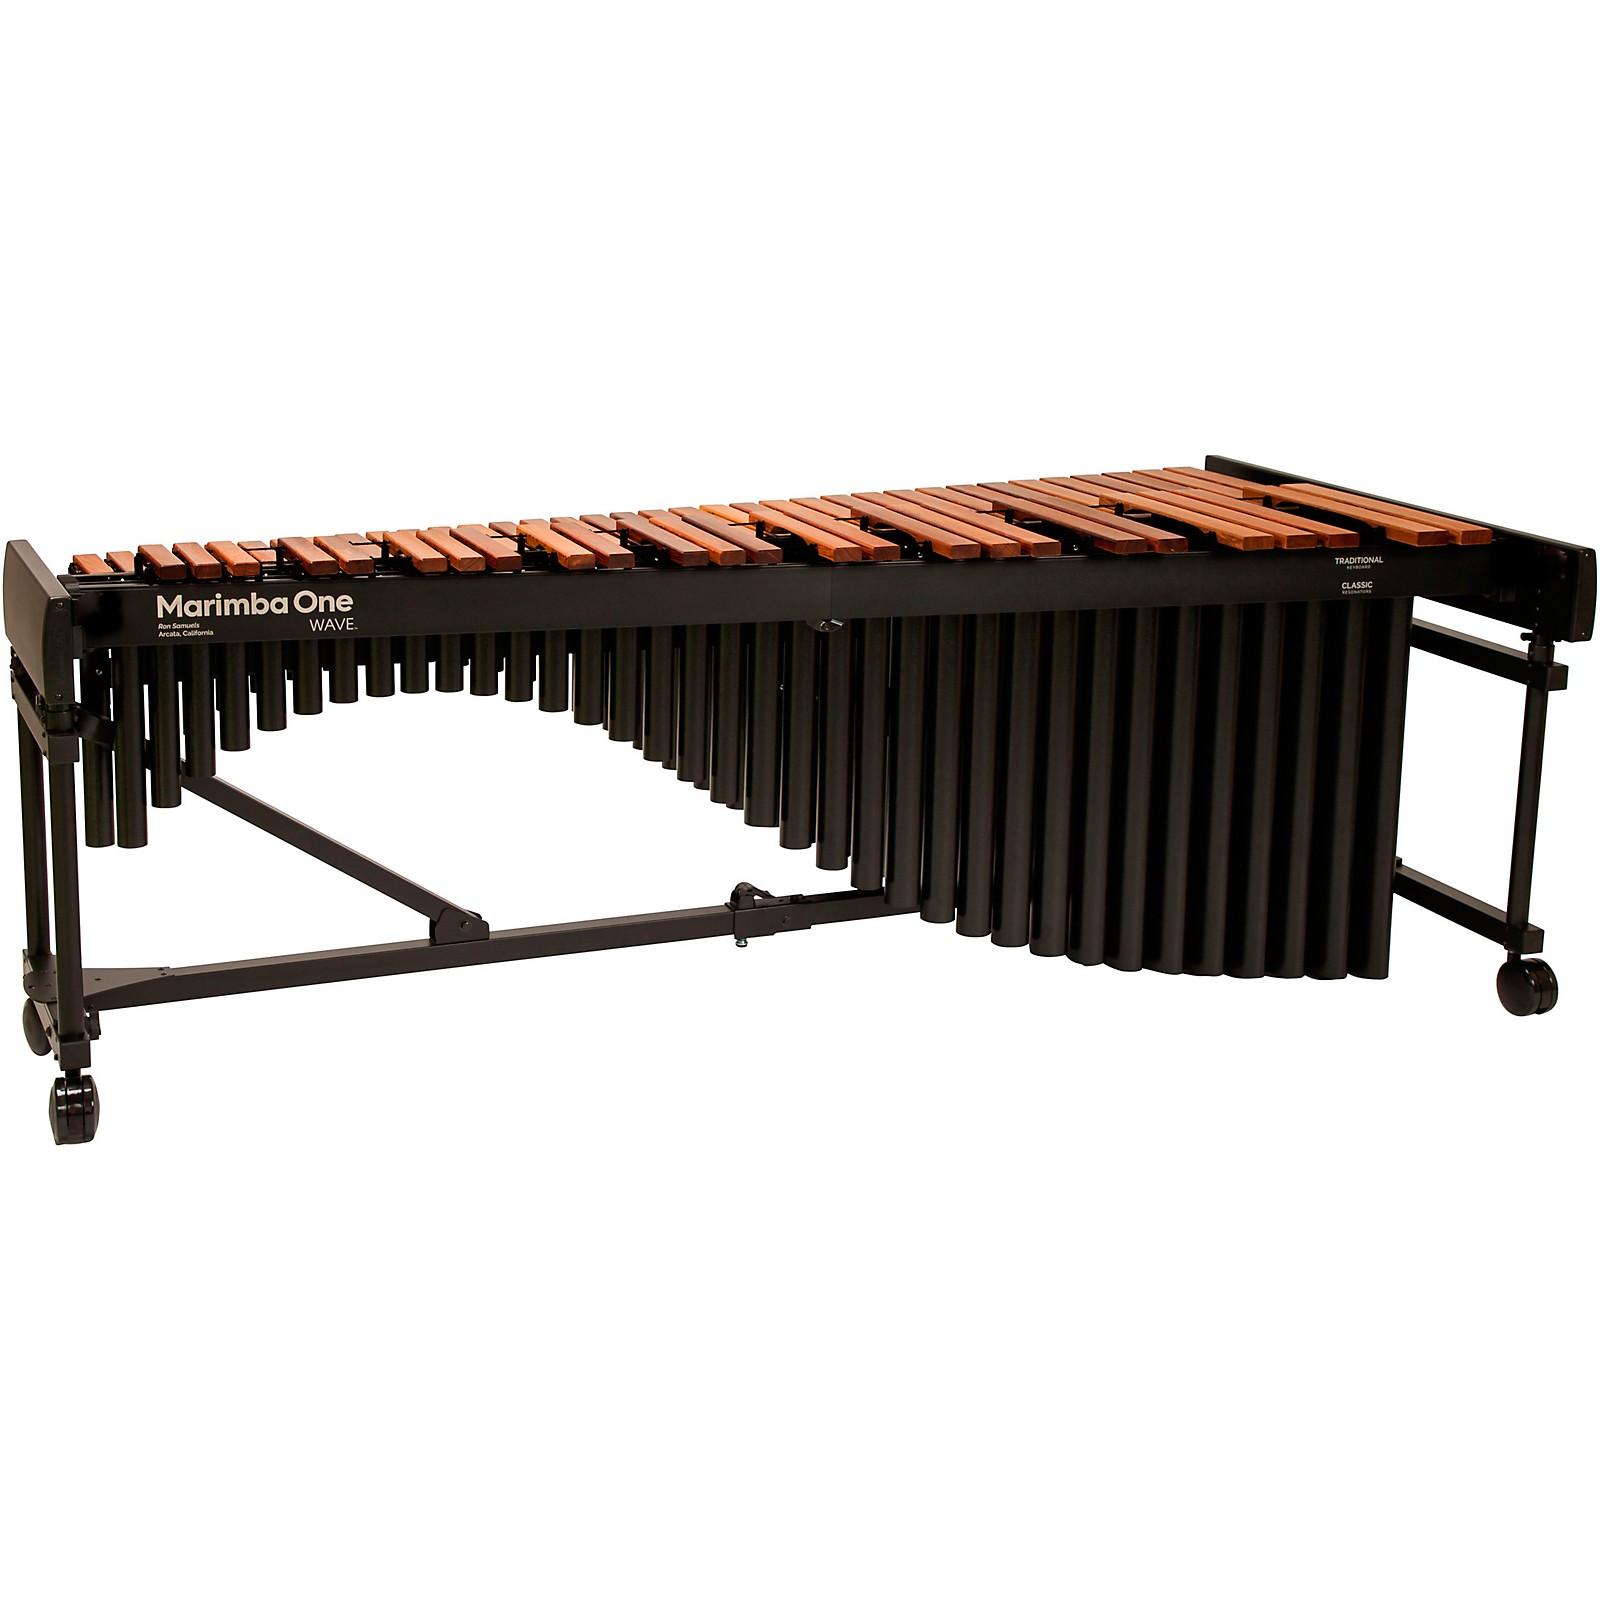 Marimba One Wave #9605 A442 5.0 Octave Marimba with Enhanced Keyboard and Basso Bravo Resonators 4